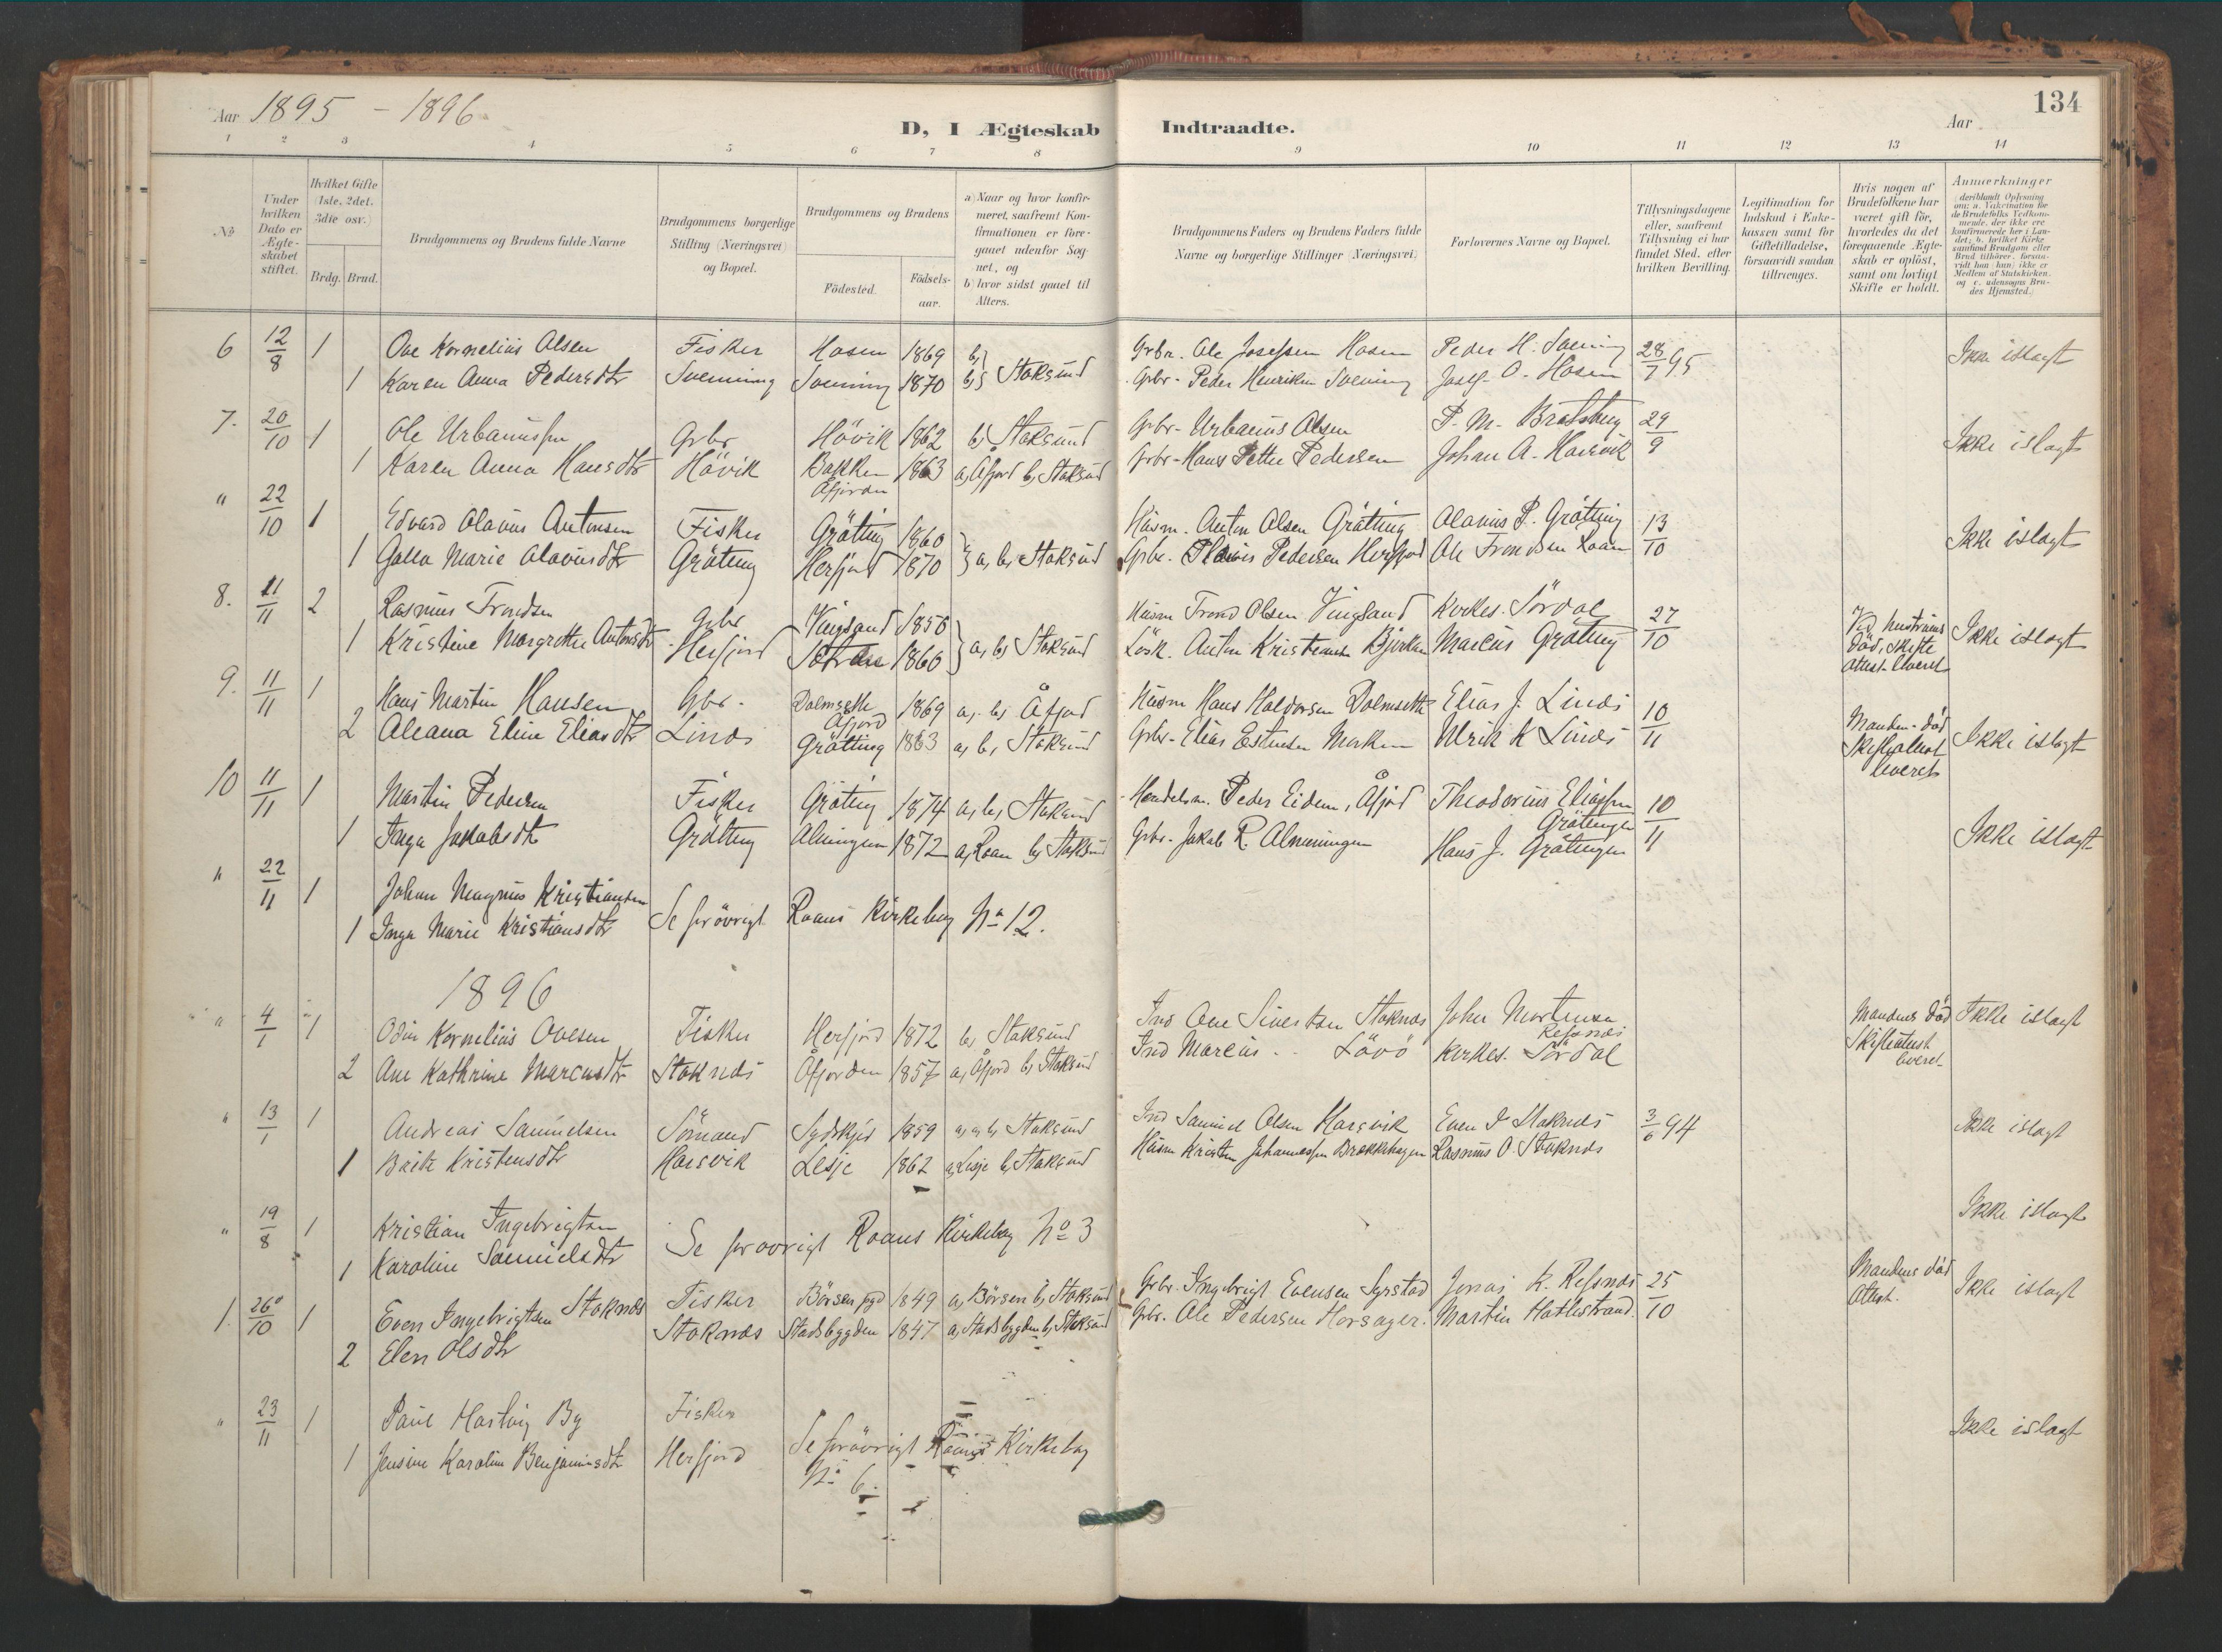 SAT, Ministerialprotokoller, klokkerbøker og fødselsregistre - Sør-Trøndelag, 656/L0693: Ministerialbok nr. 656A02, 1894-1913, s. 134